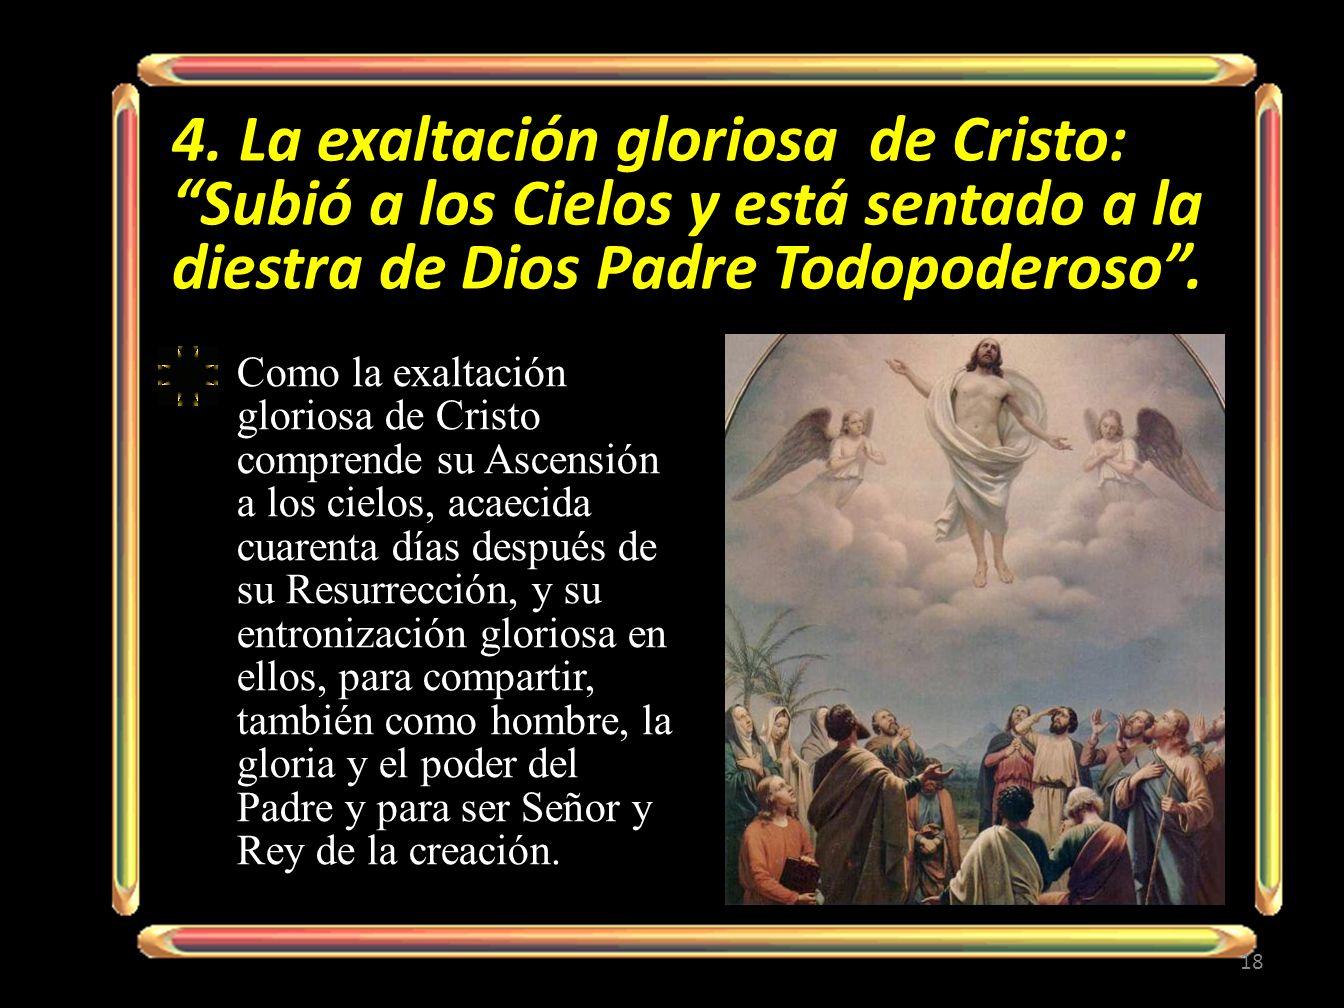 4. La exaltación gloriosa de Cristo: Subió a los Cielos y está sentado a la diestra de Dios Padre Todopoderoso .